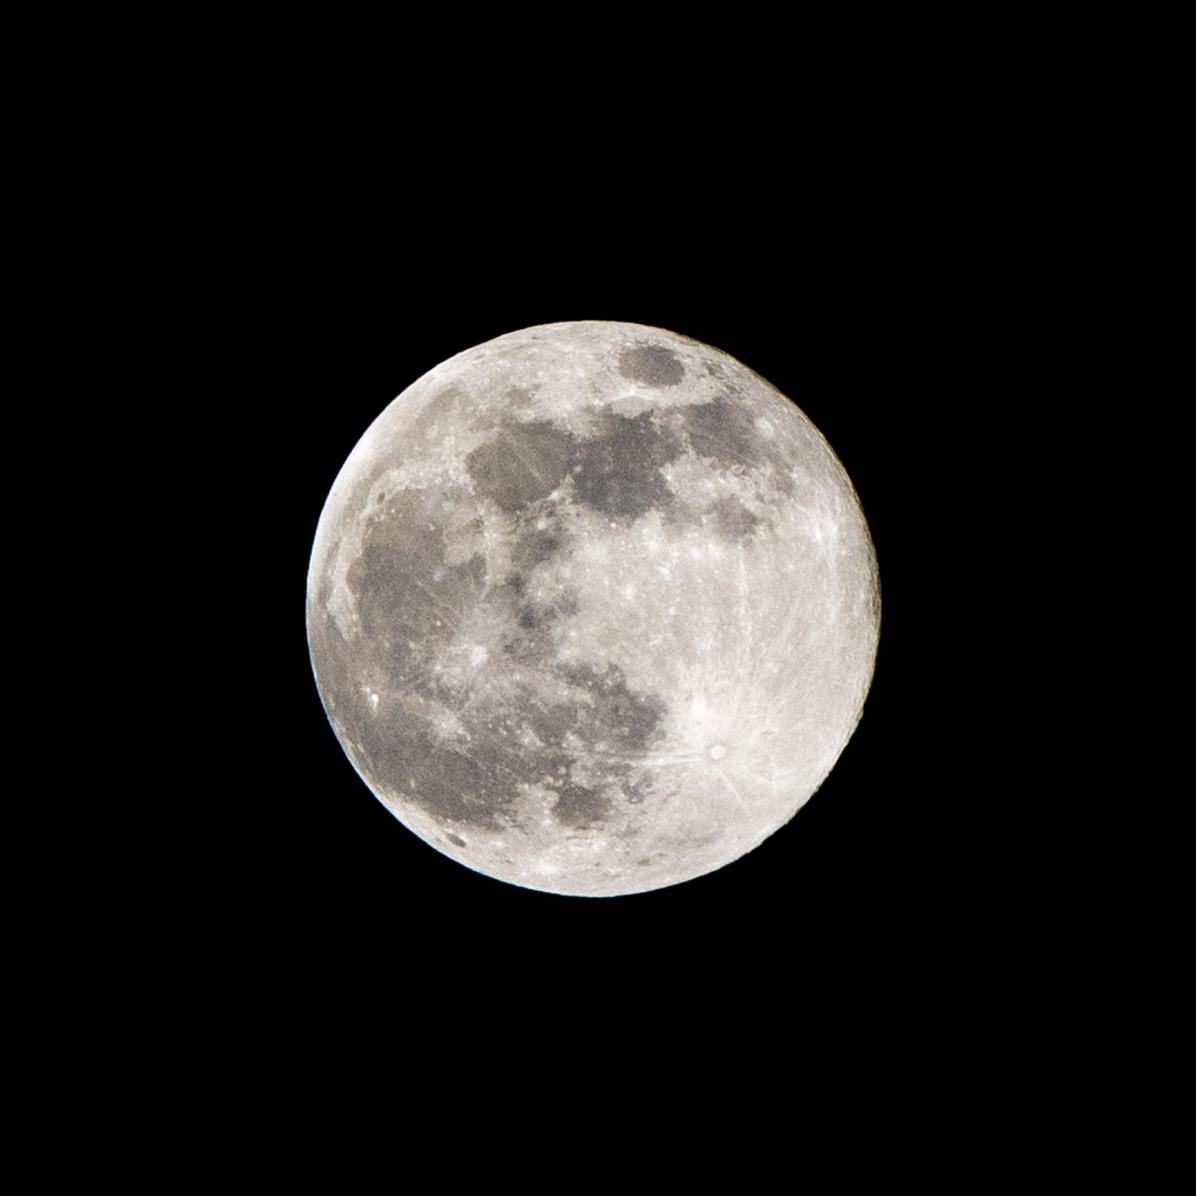 Volle maan, supersneeuwmaan, 19 februari 2019 tijdstip opname 22.13 uur. Maanopkomst 17.48 uur Maanondergang 07.59 uur (Maan 1)